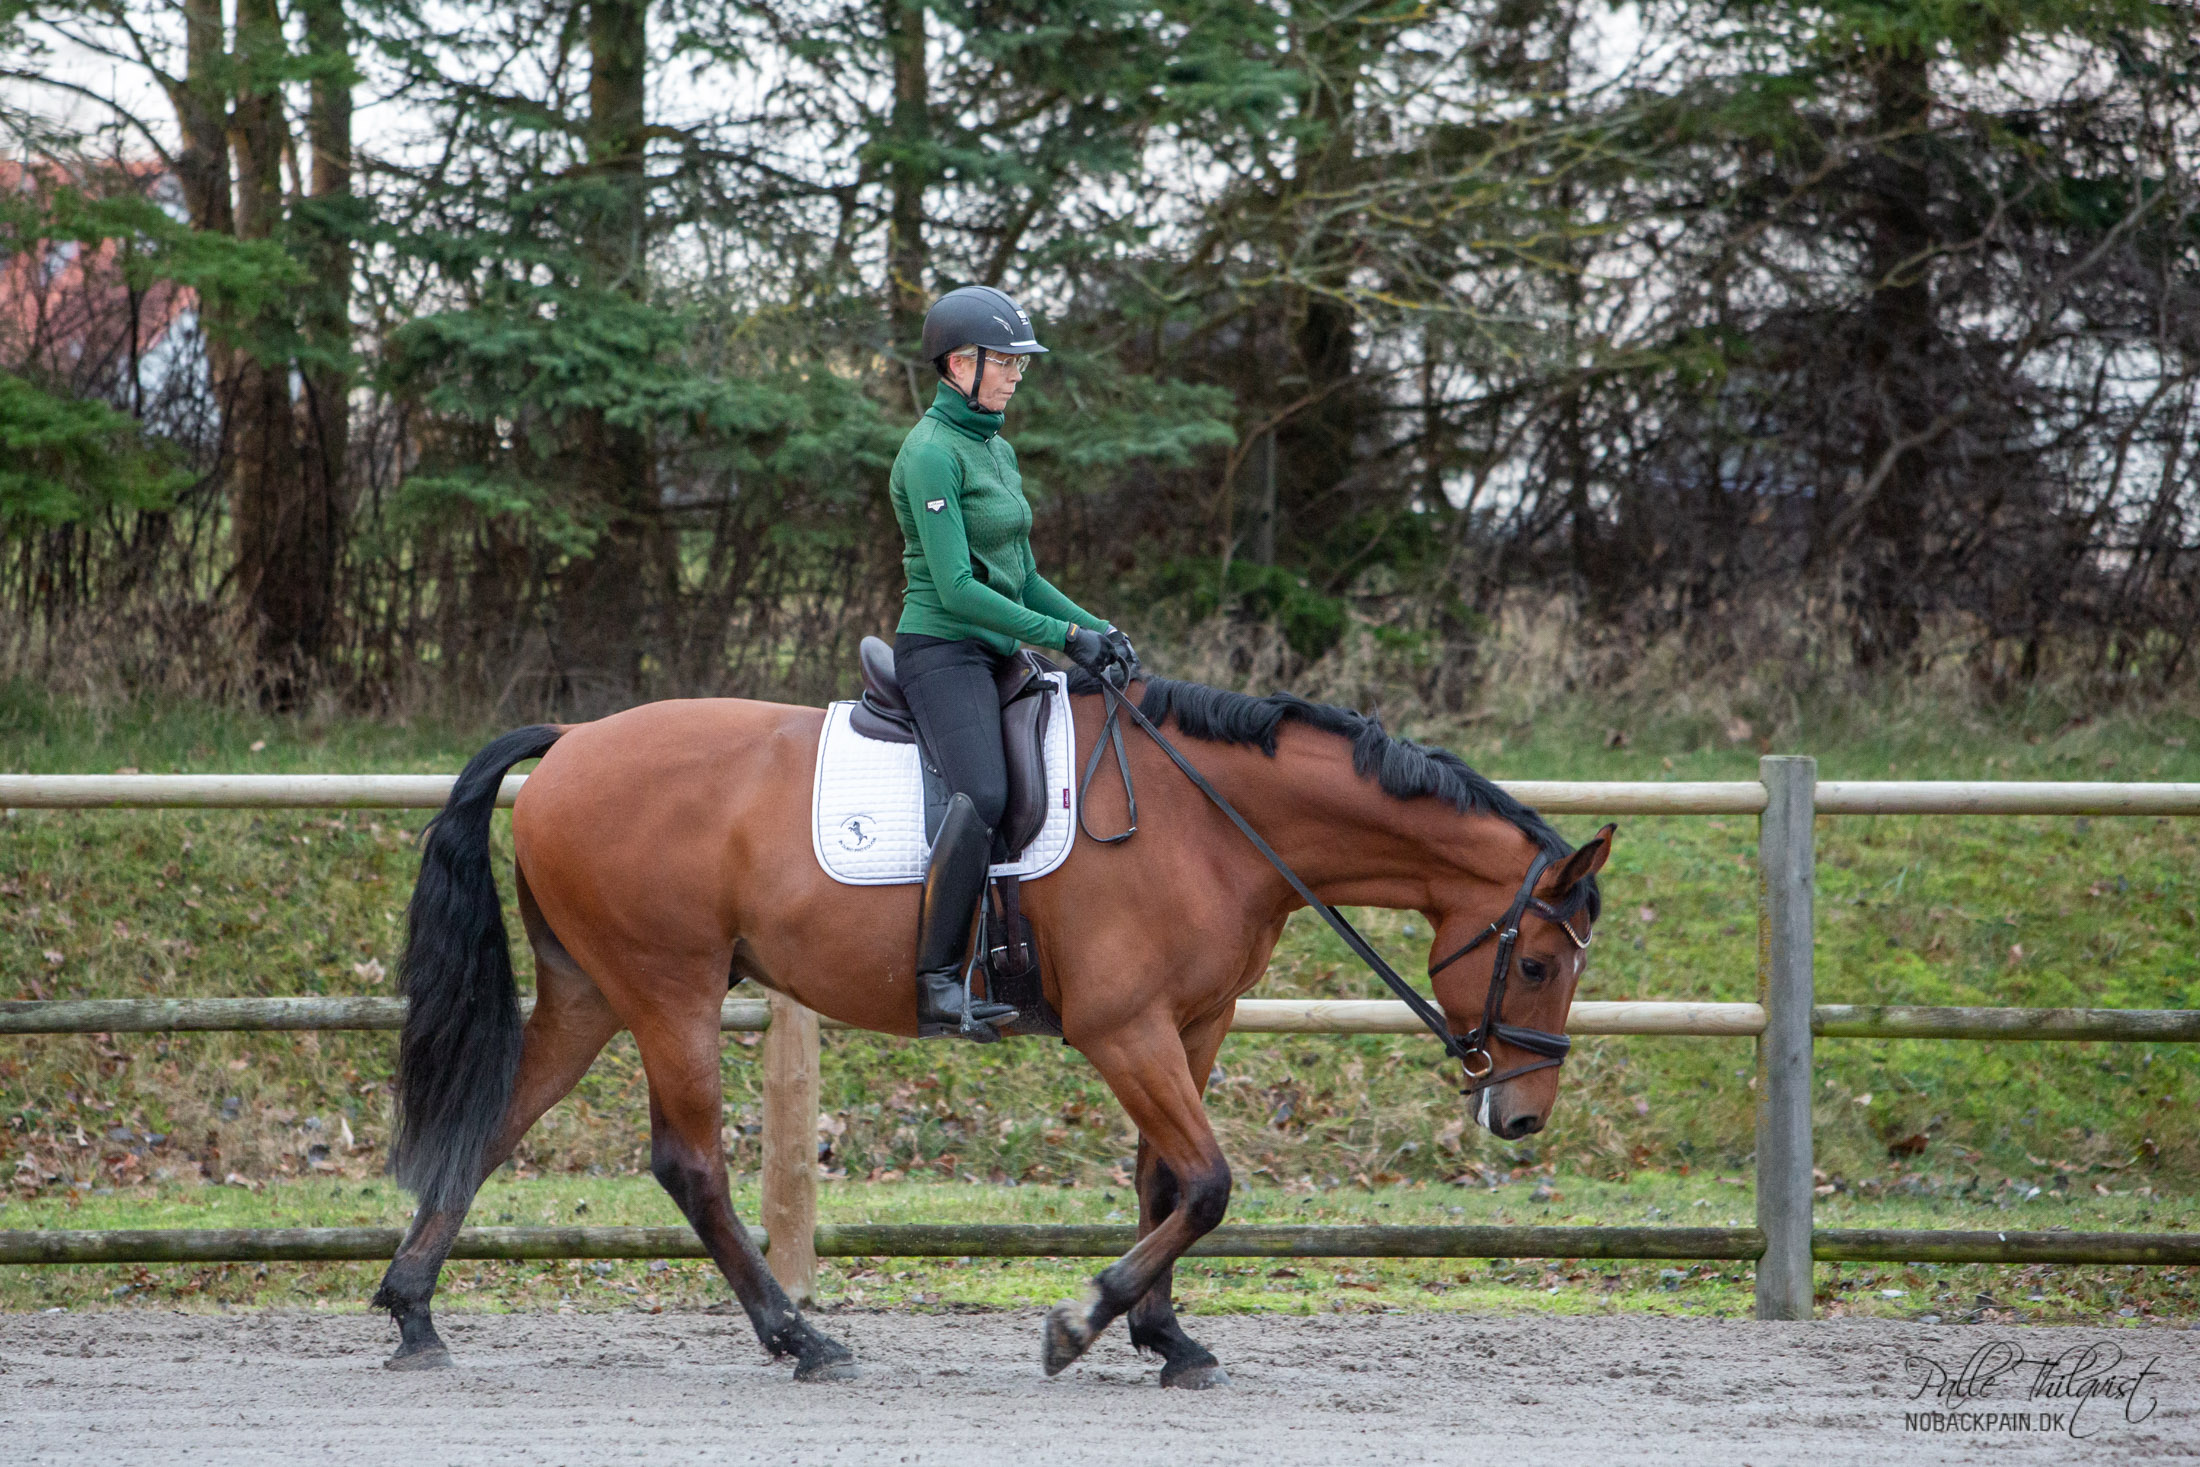 Jeg øver mig i at have hele mit ben liggende tæt omkring hesten uden at klemme.